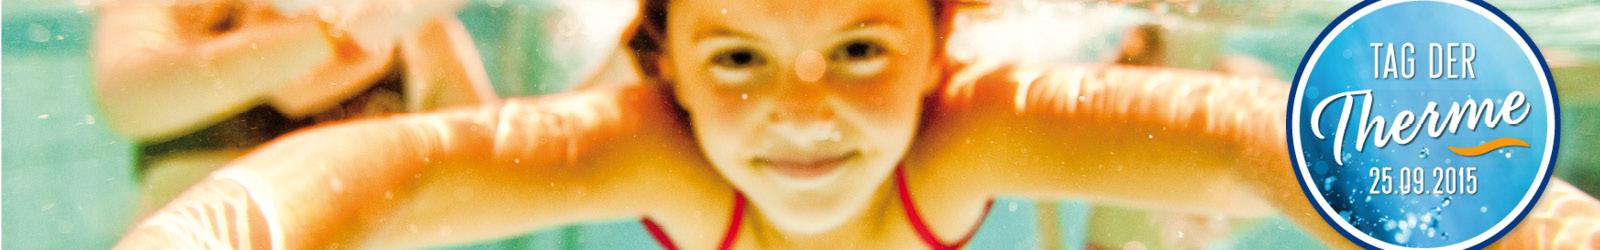 Mädchen taucht unter Wasser